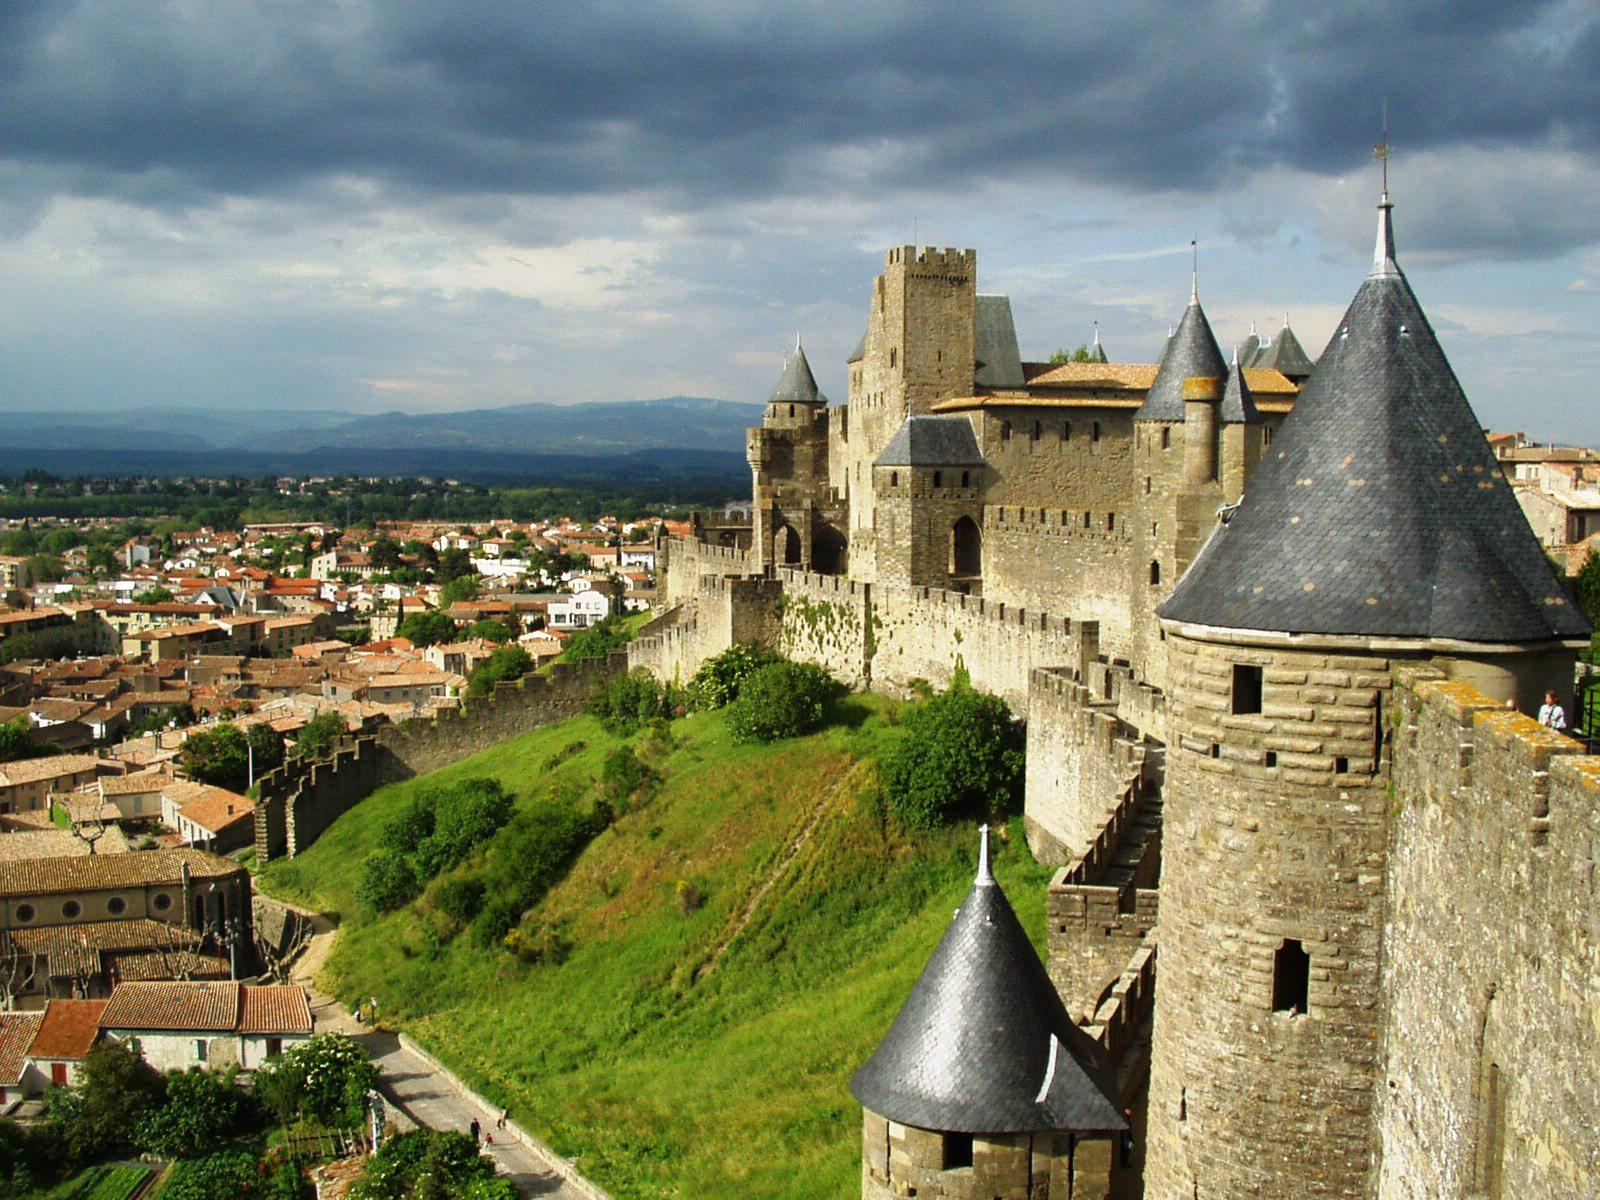 городская стена, Каркассон, Франция